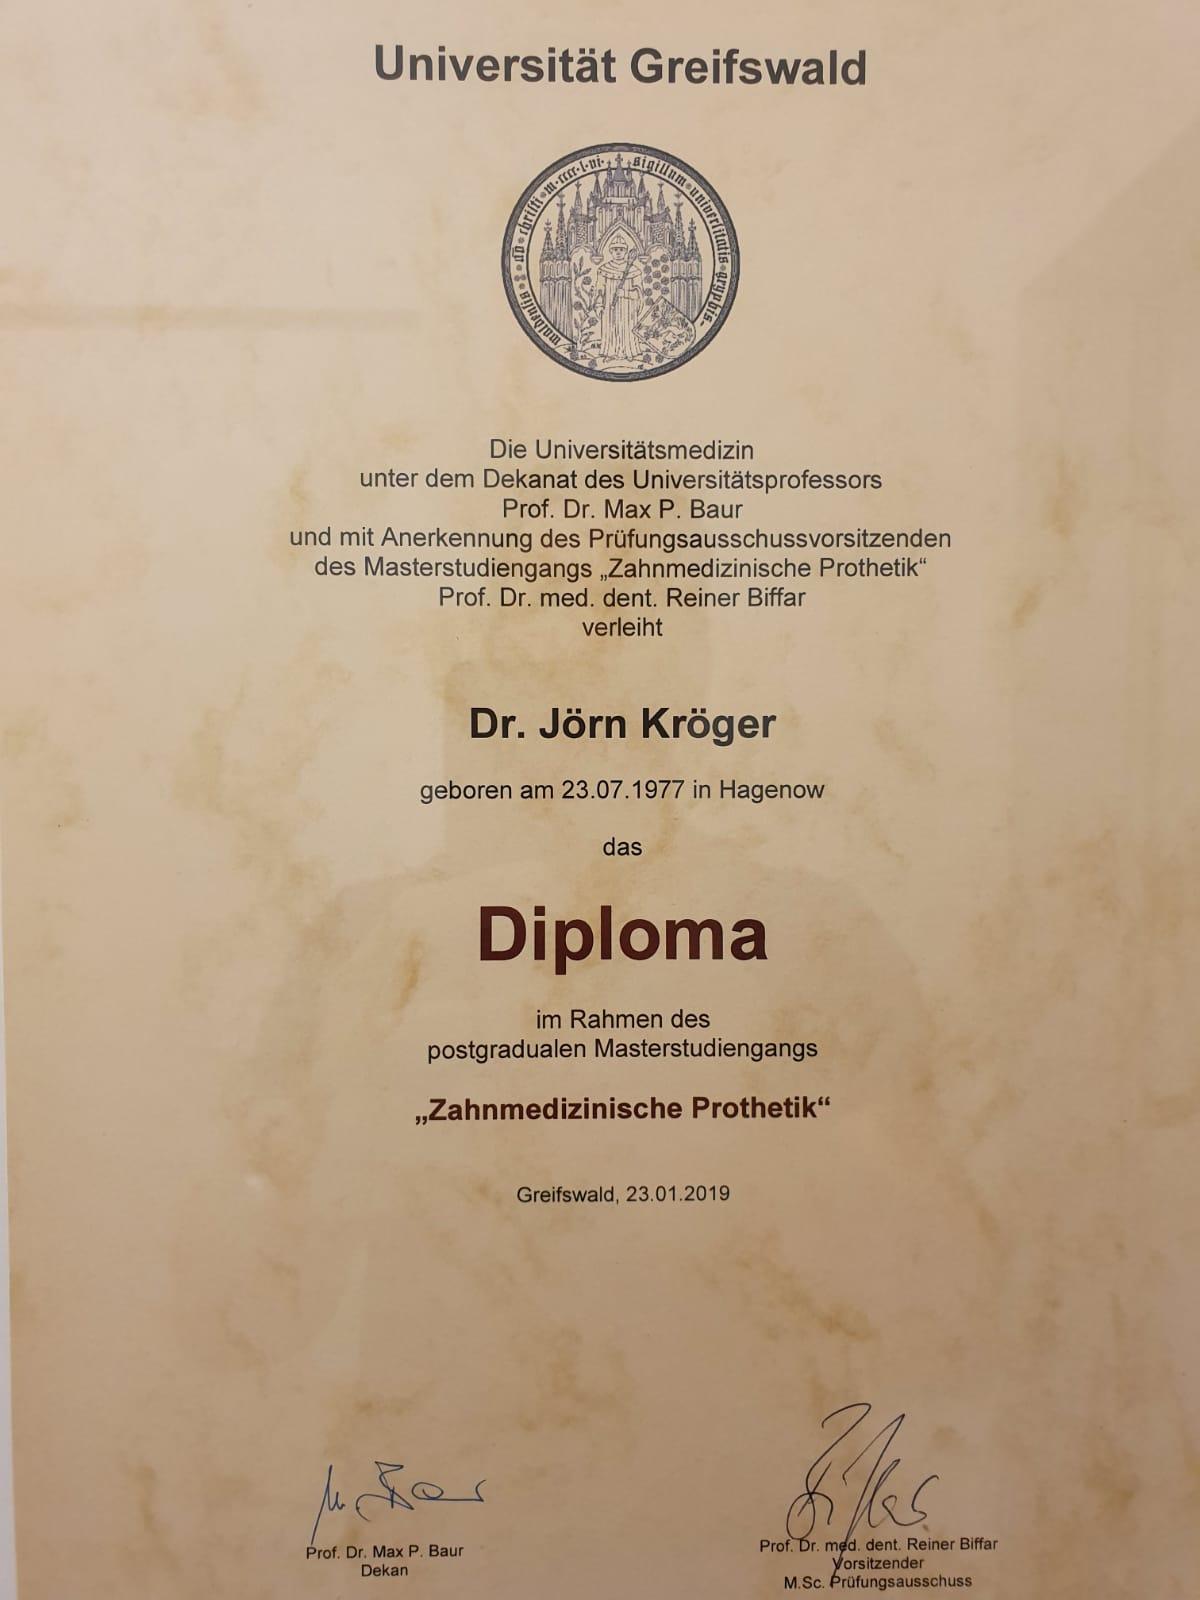 Diploma in Zahnmedizinische Prothetik von Dr. Jörn Kröger, Zahnarzt Berlin-Spandau.